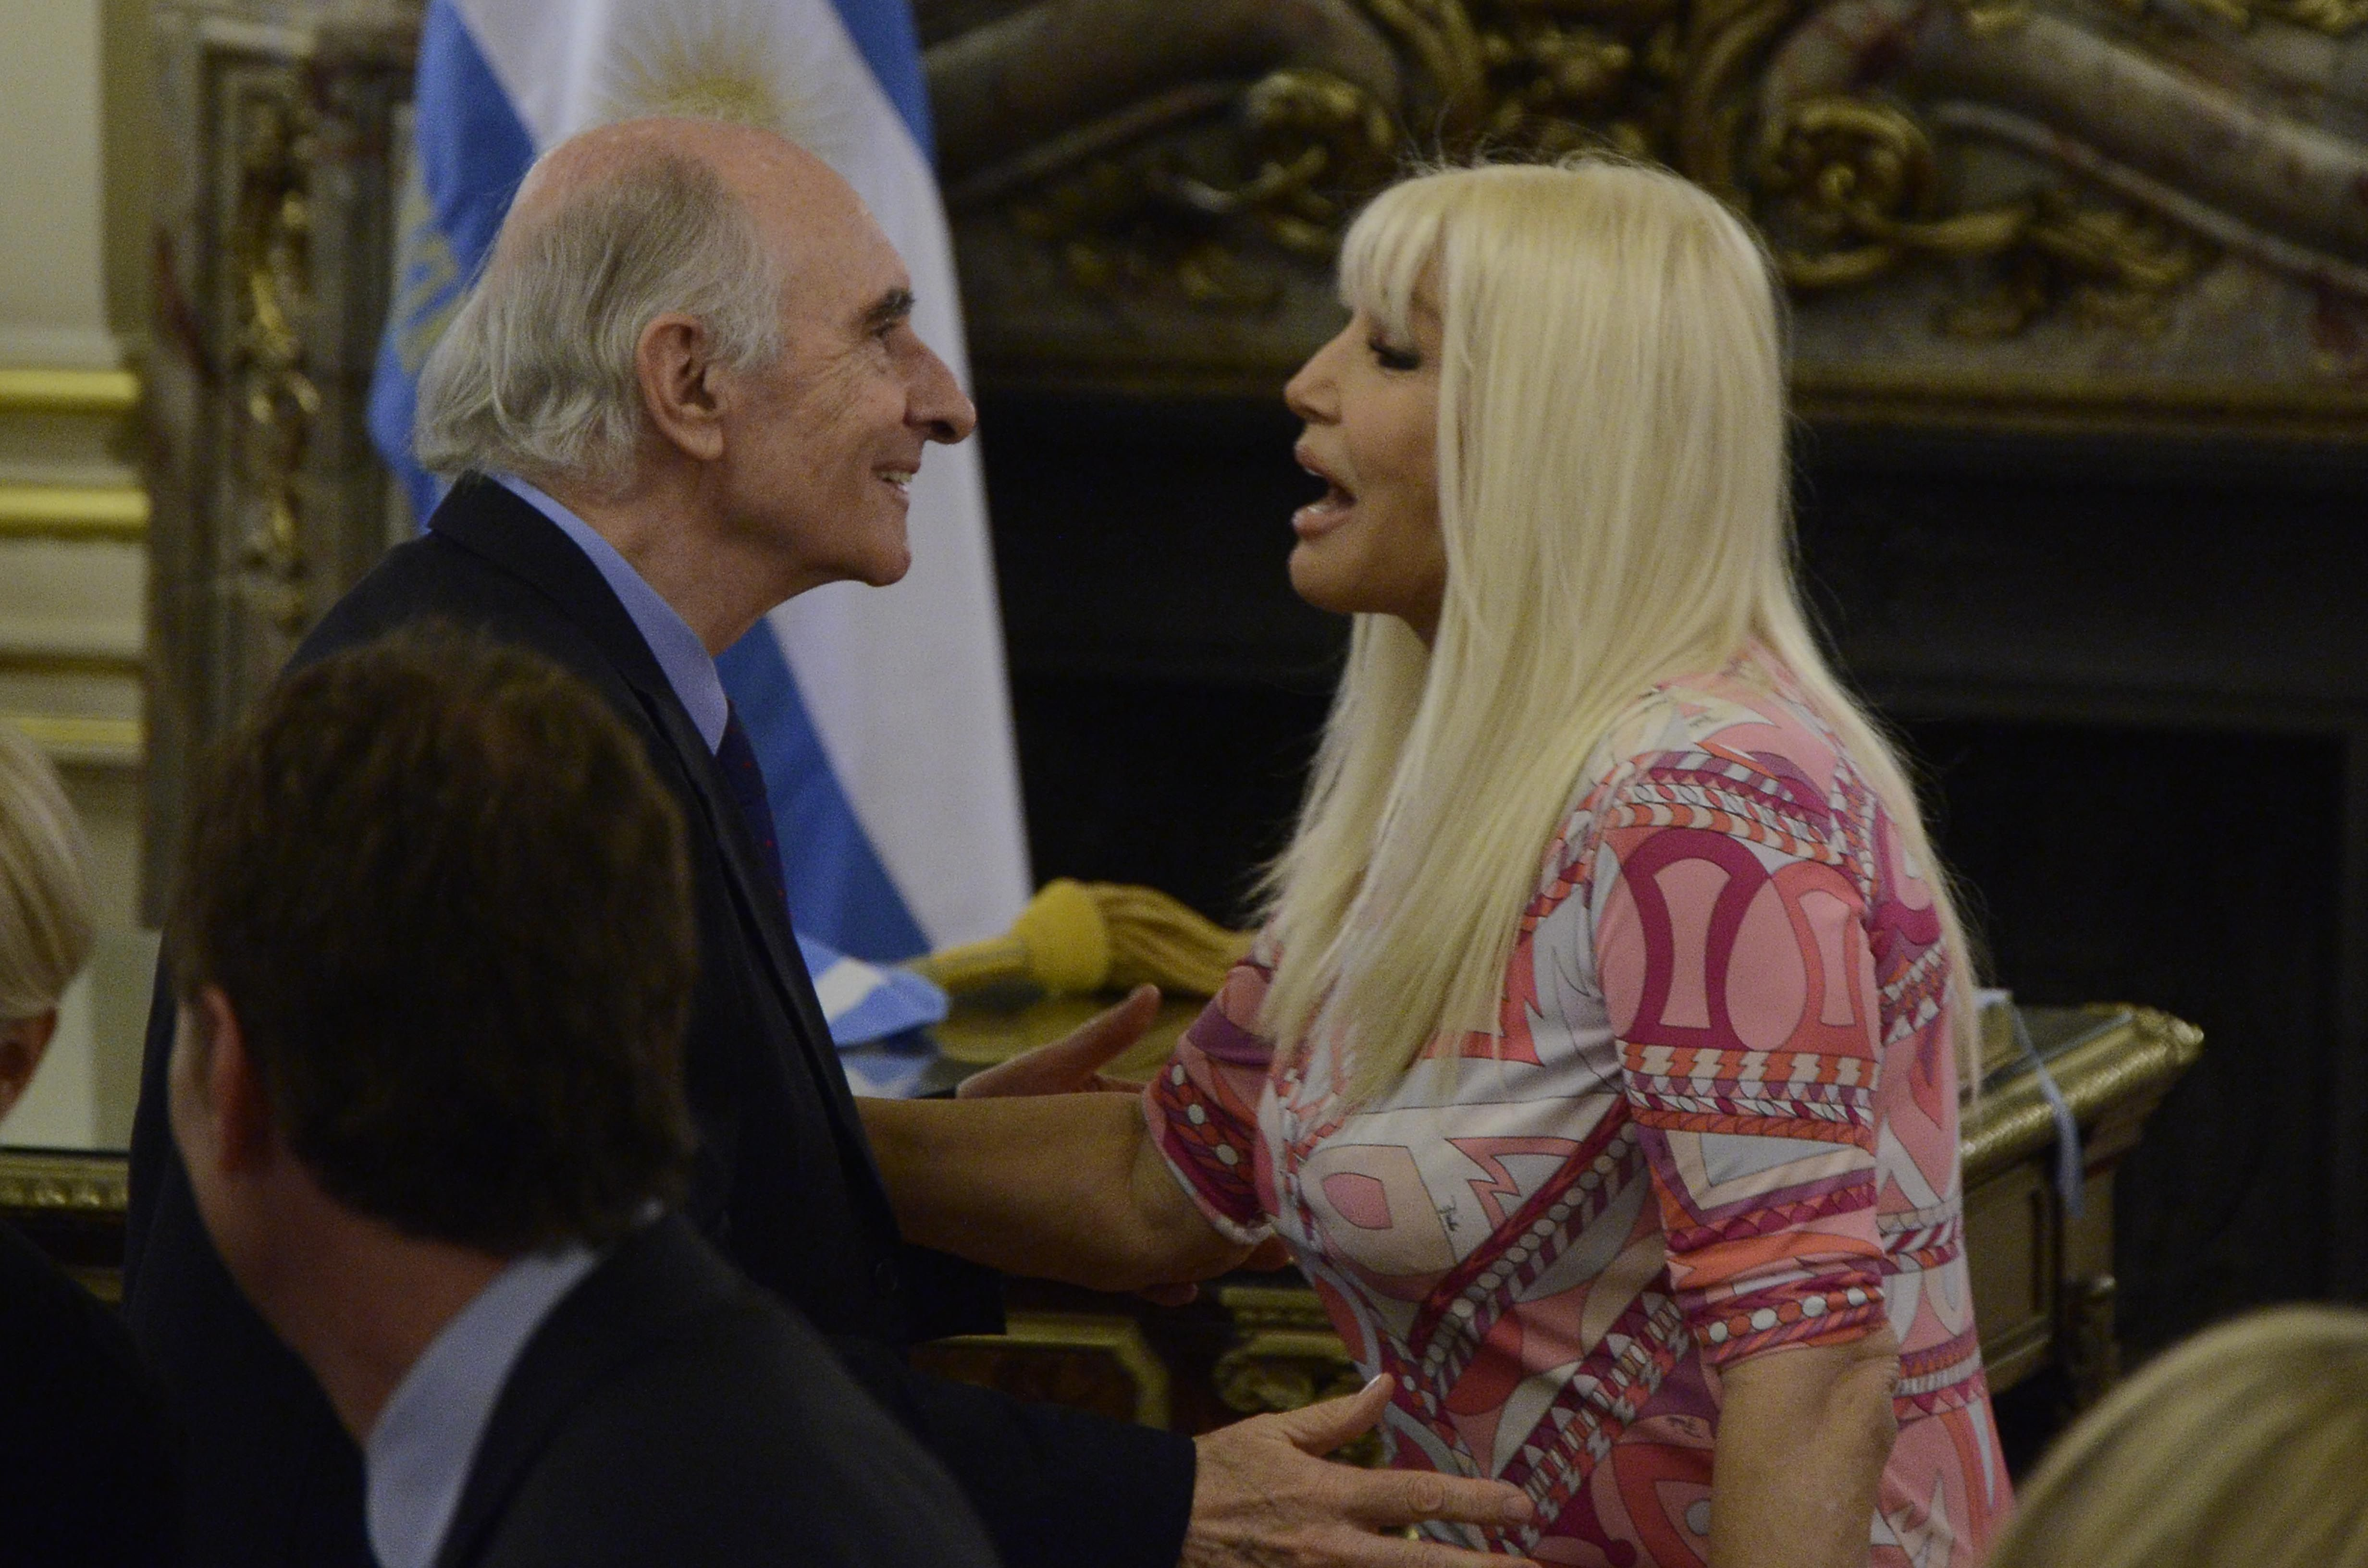 Mirá los divertidos memes del encuentro entre Susana Giménez y De la Rúa